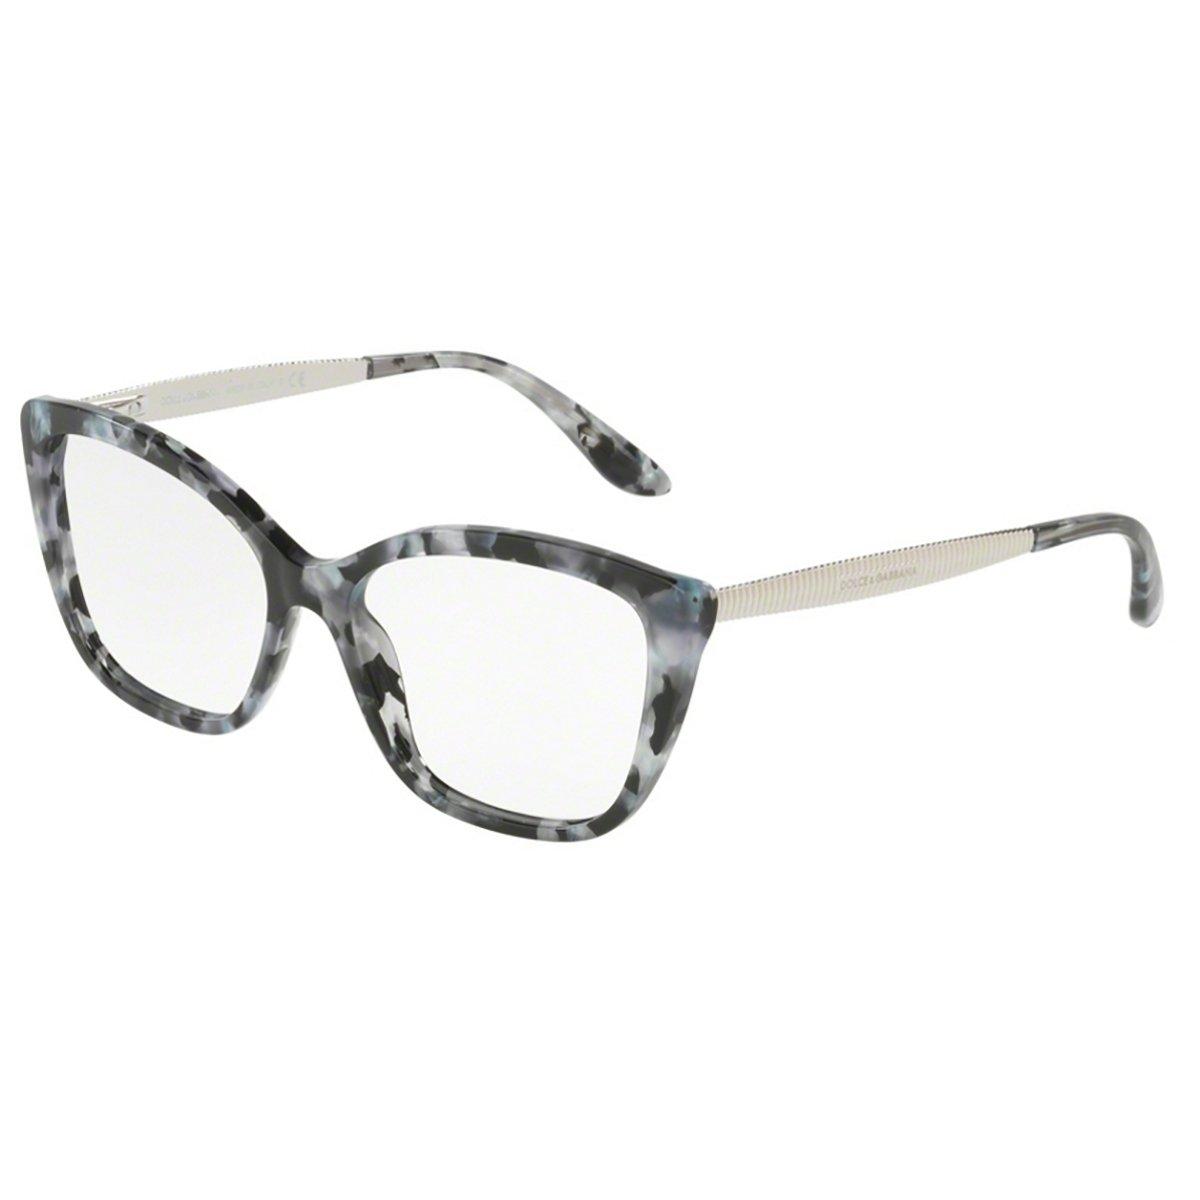 Compre Óculos de Grau Dolce   Gabbana em 10X   Tri-Jóia Shop 6d15c047a7